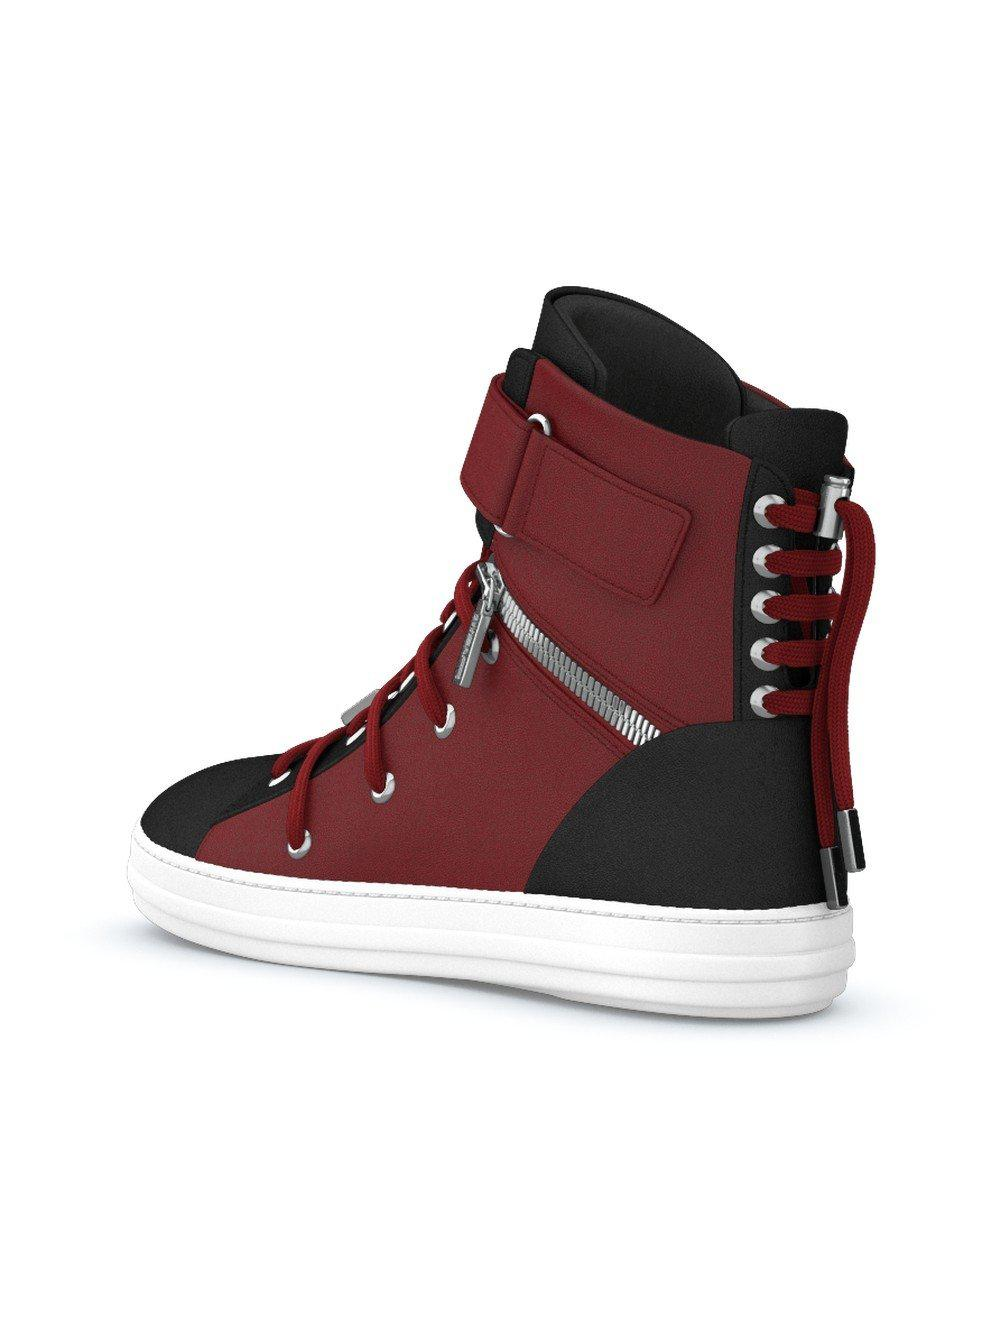 Swear Lace Regent Sneakers in Red